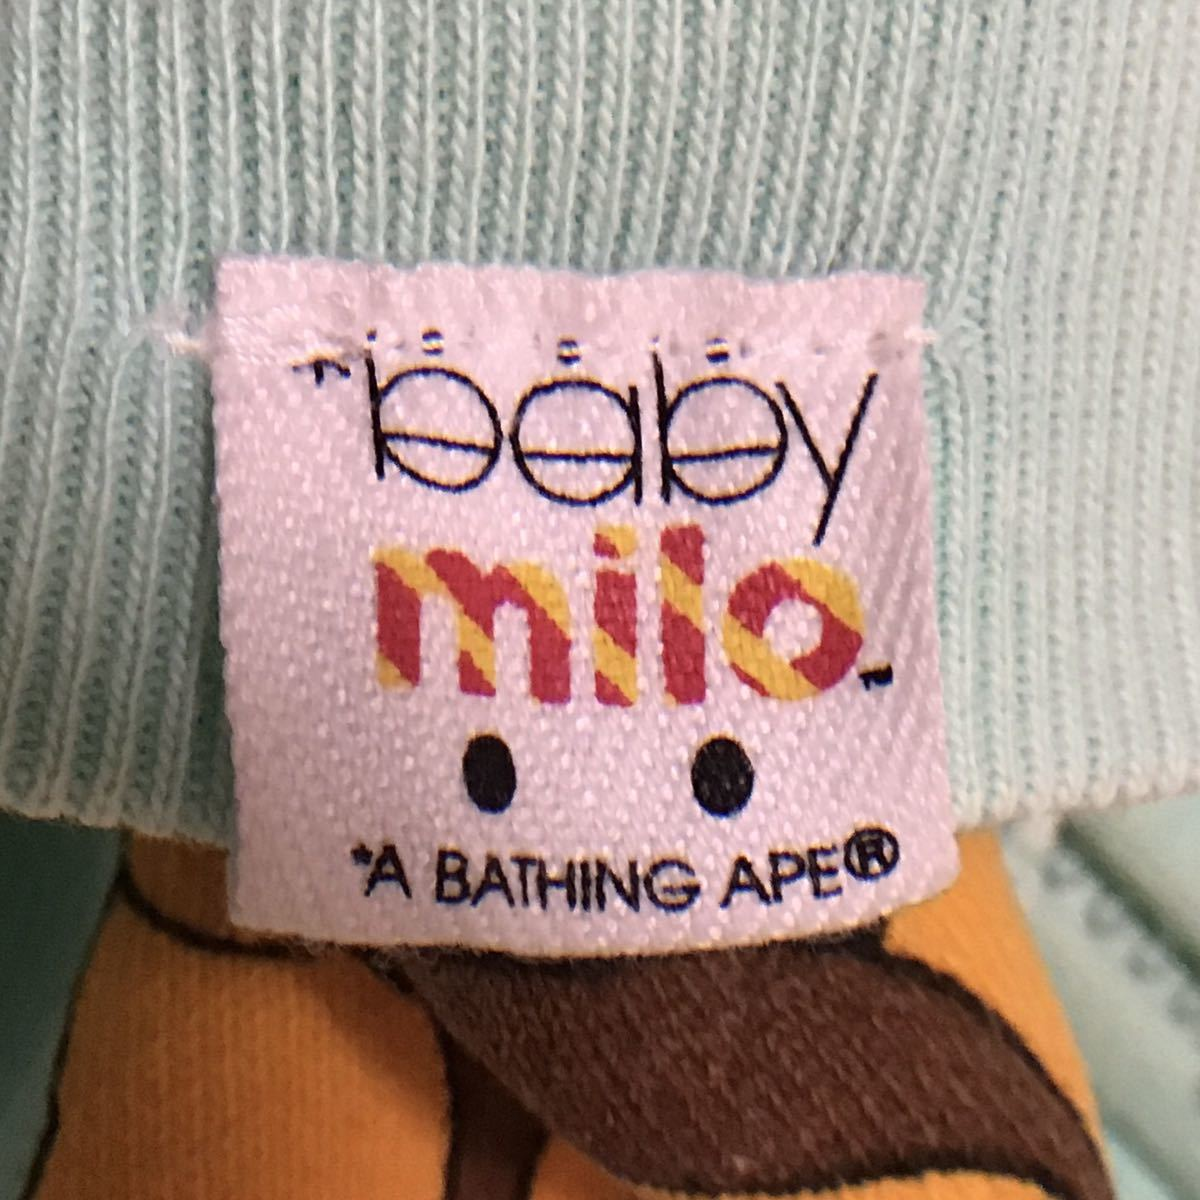 ★激レア★ kaws companion × milo パーカー tallサイズ a bathing ape bape hoodie カウズ エイプ ベイプ マイロ apee レディース mint